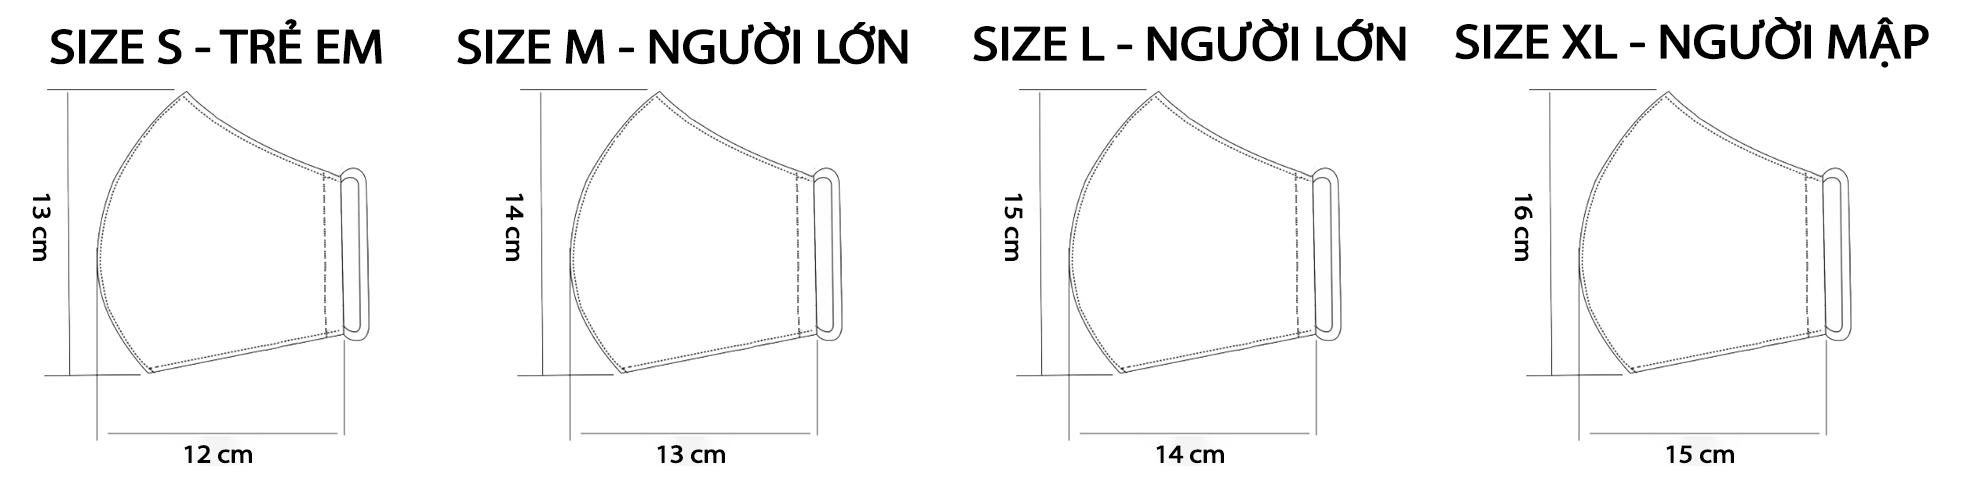 Bảng Thông Số Size Khẩu Trang Thông Dụng Của Các Size S - Size M - Size L - Size XL.